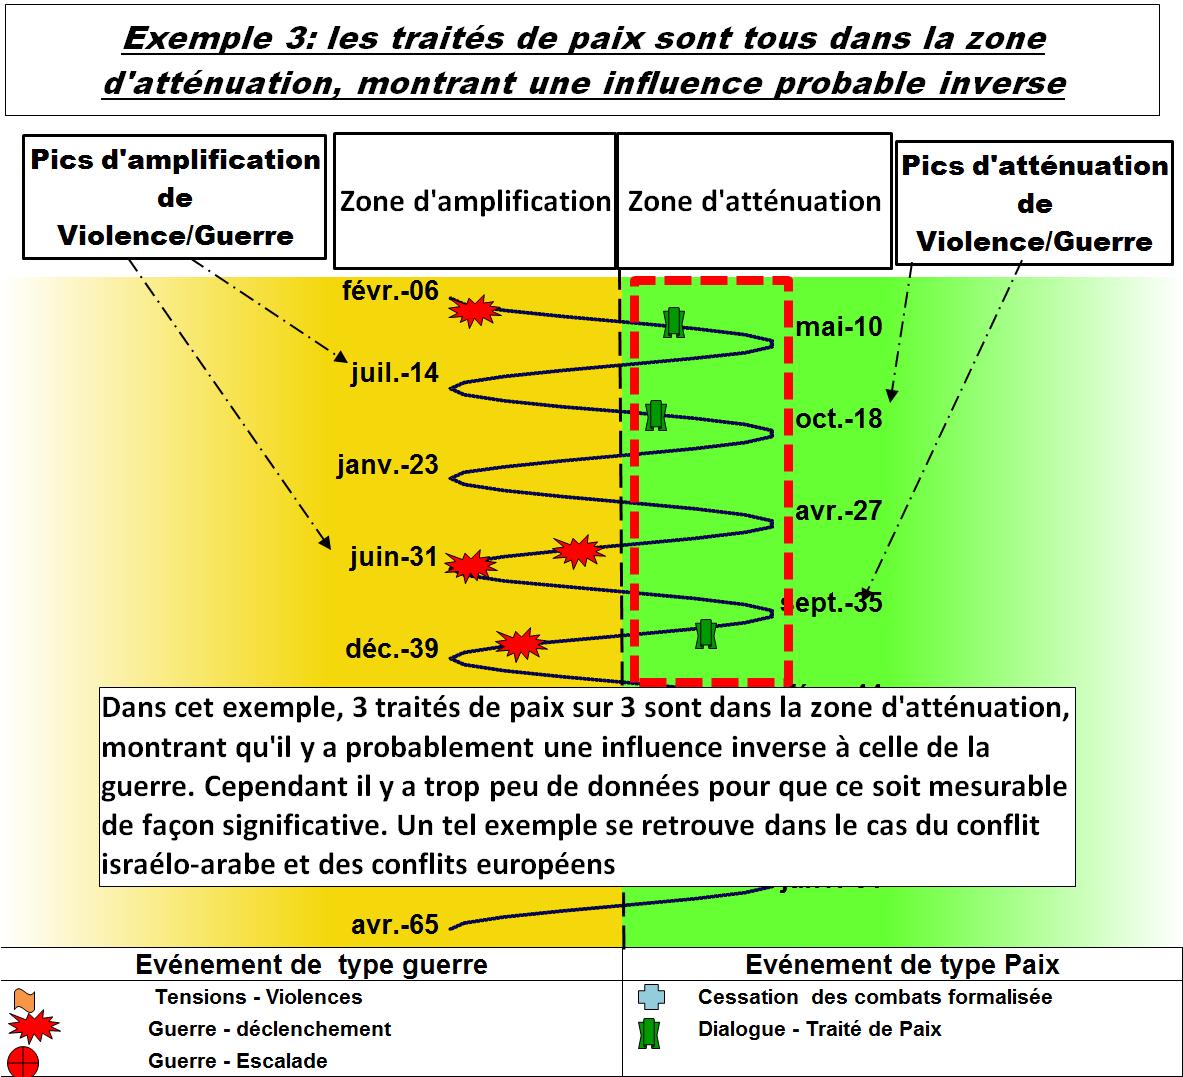 Présentation Cycle des guerres - Exemple 3